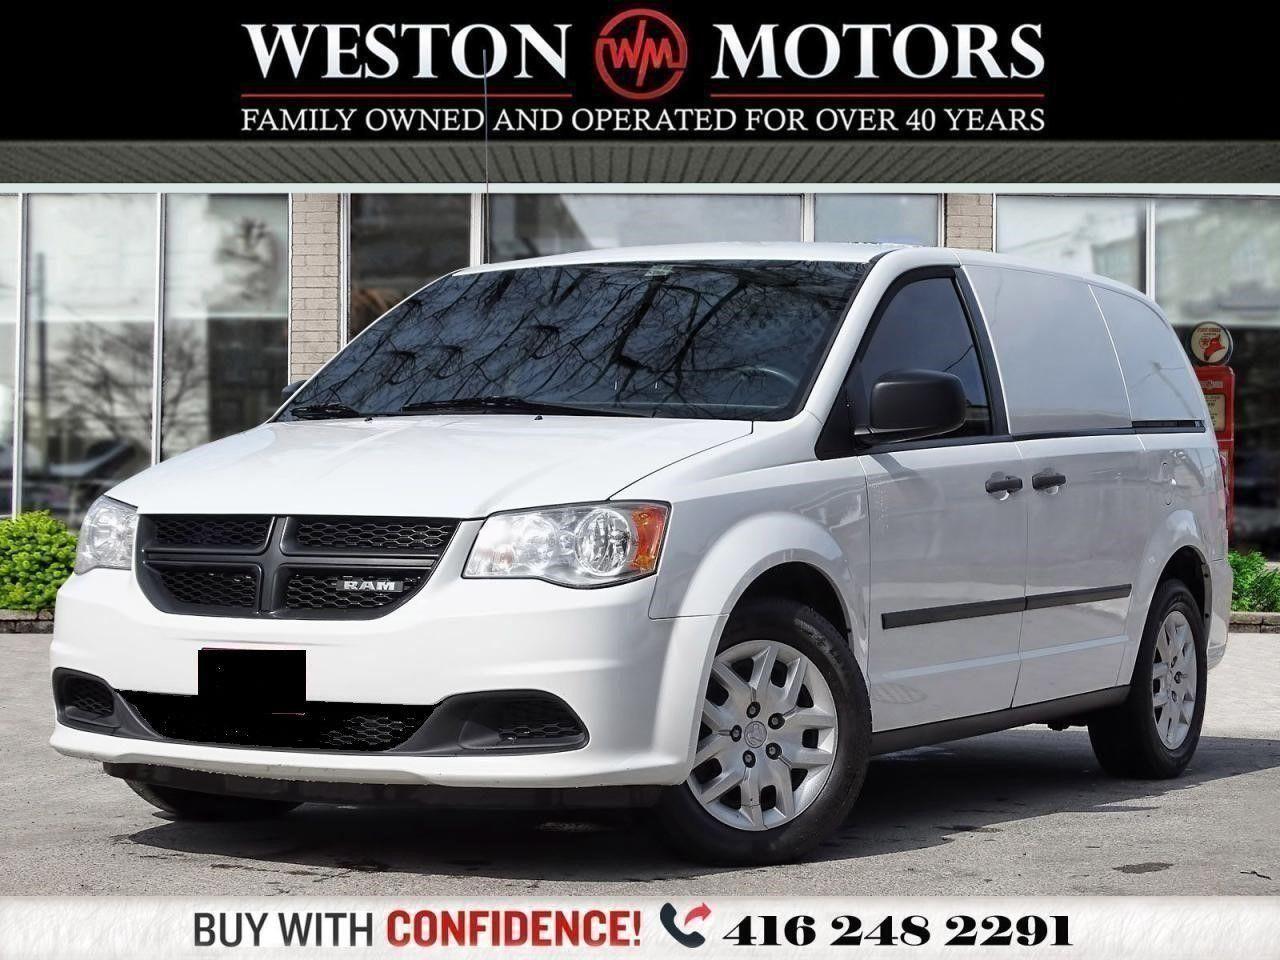 2015 Dodge Ram Van *3.6L*CARGO VAN*SHELVING*